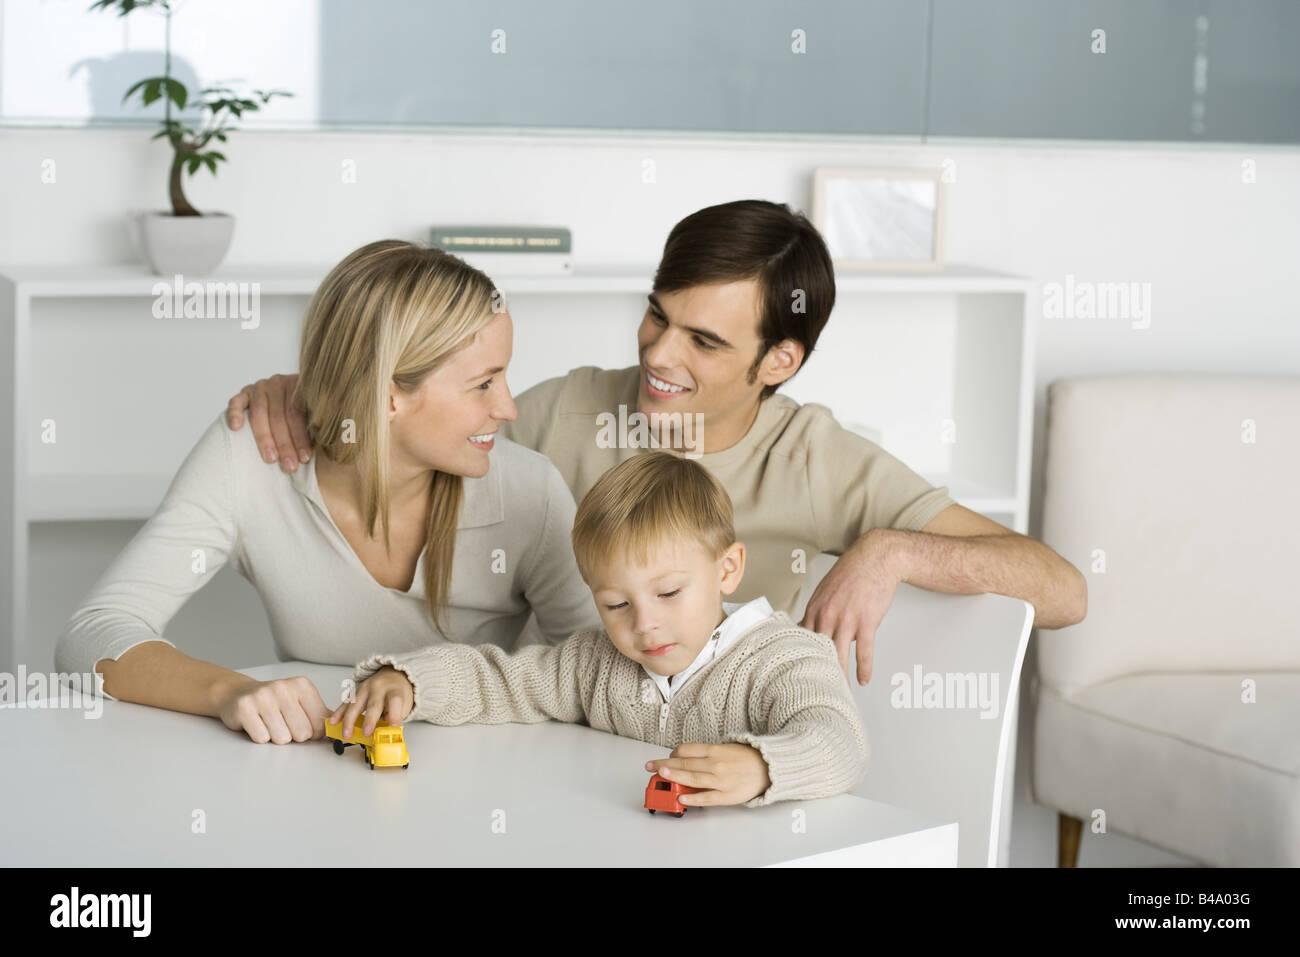 Familie am Tisch, junge spielt mit Spielzeug LKW, Eltern Lächeln einander an Stockbild